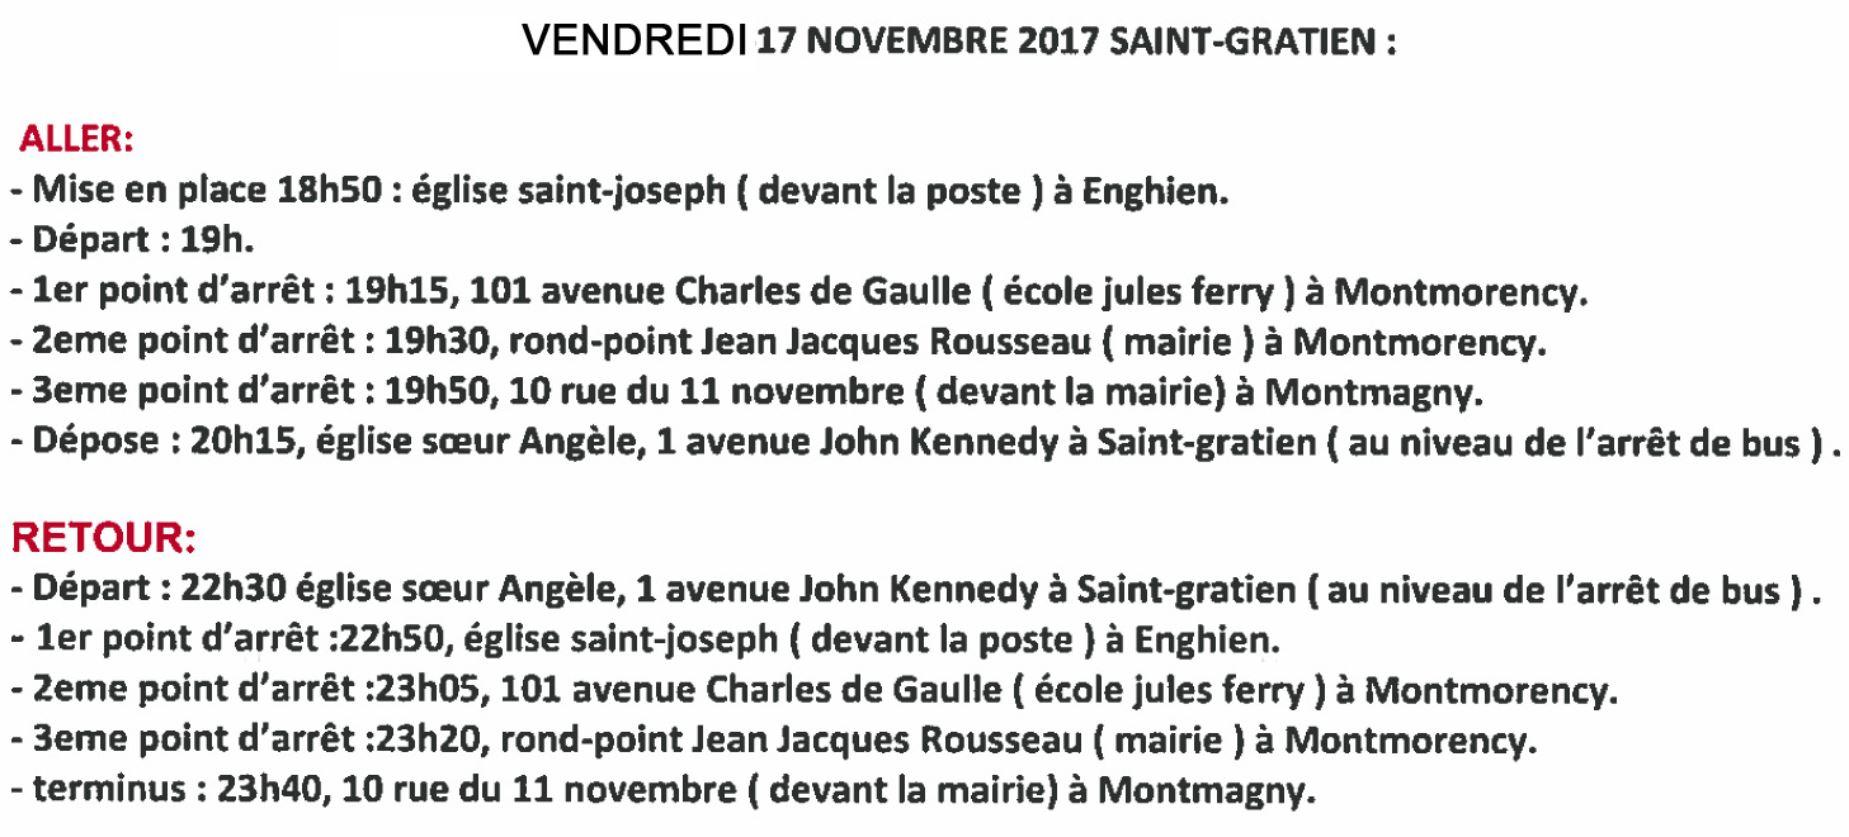 Navettes pour le concert de Saint-Gratien